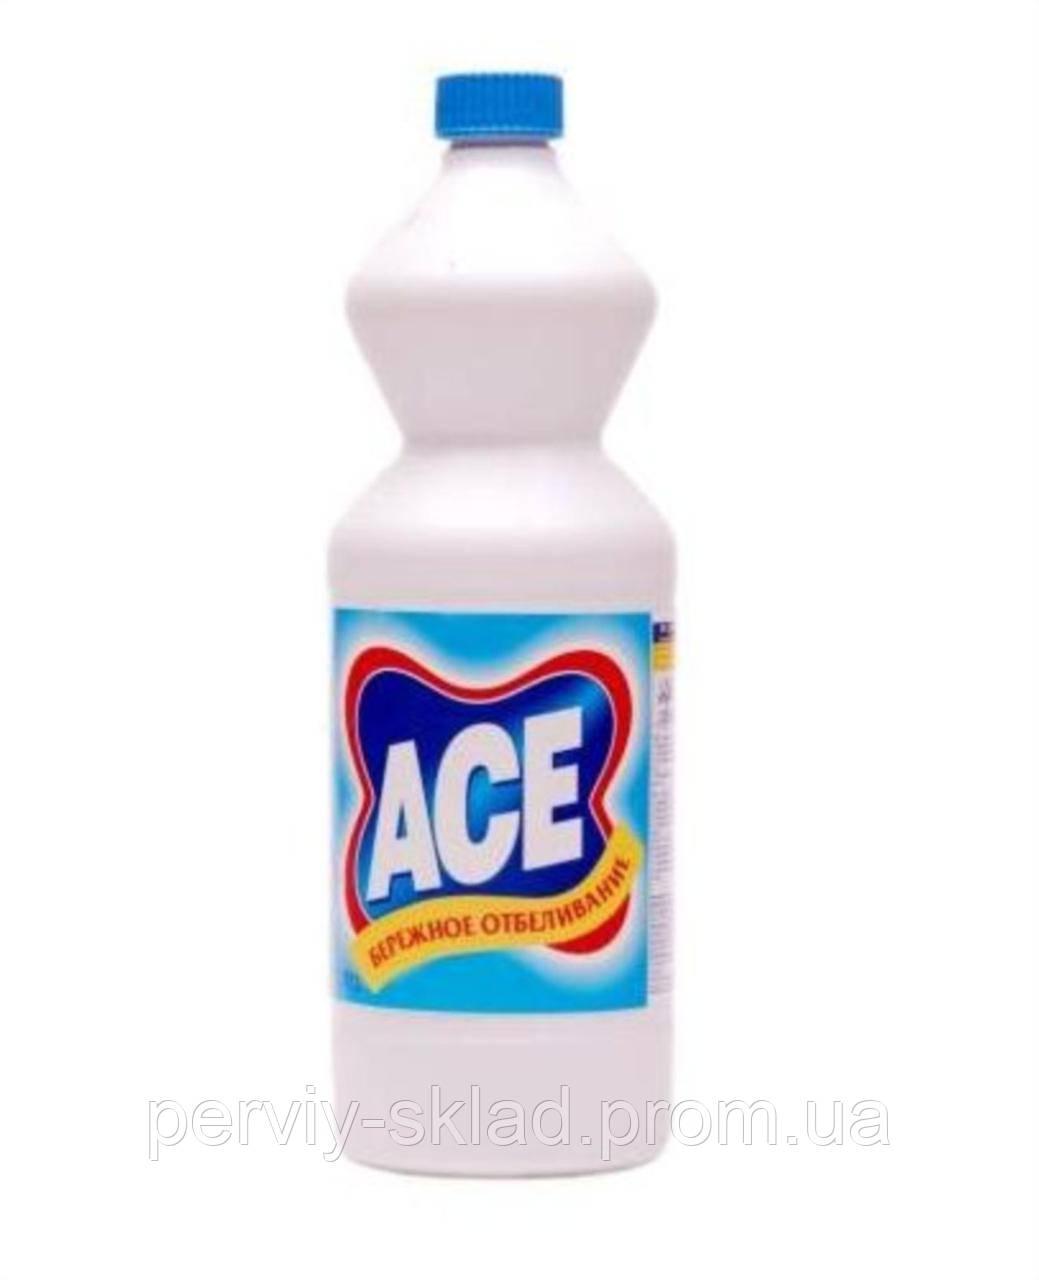 Жидкий отбеливатель ACE Regular 1 л